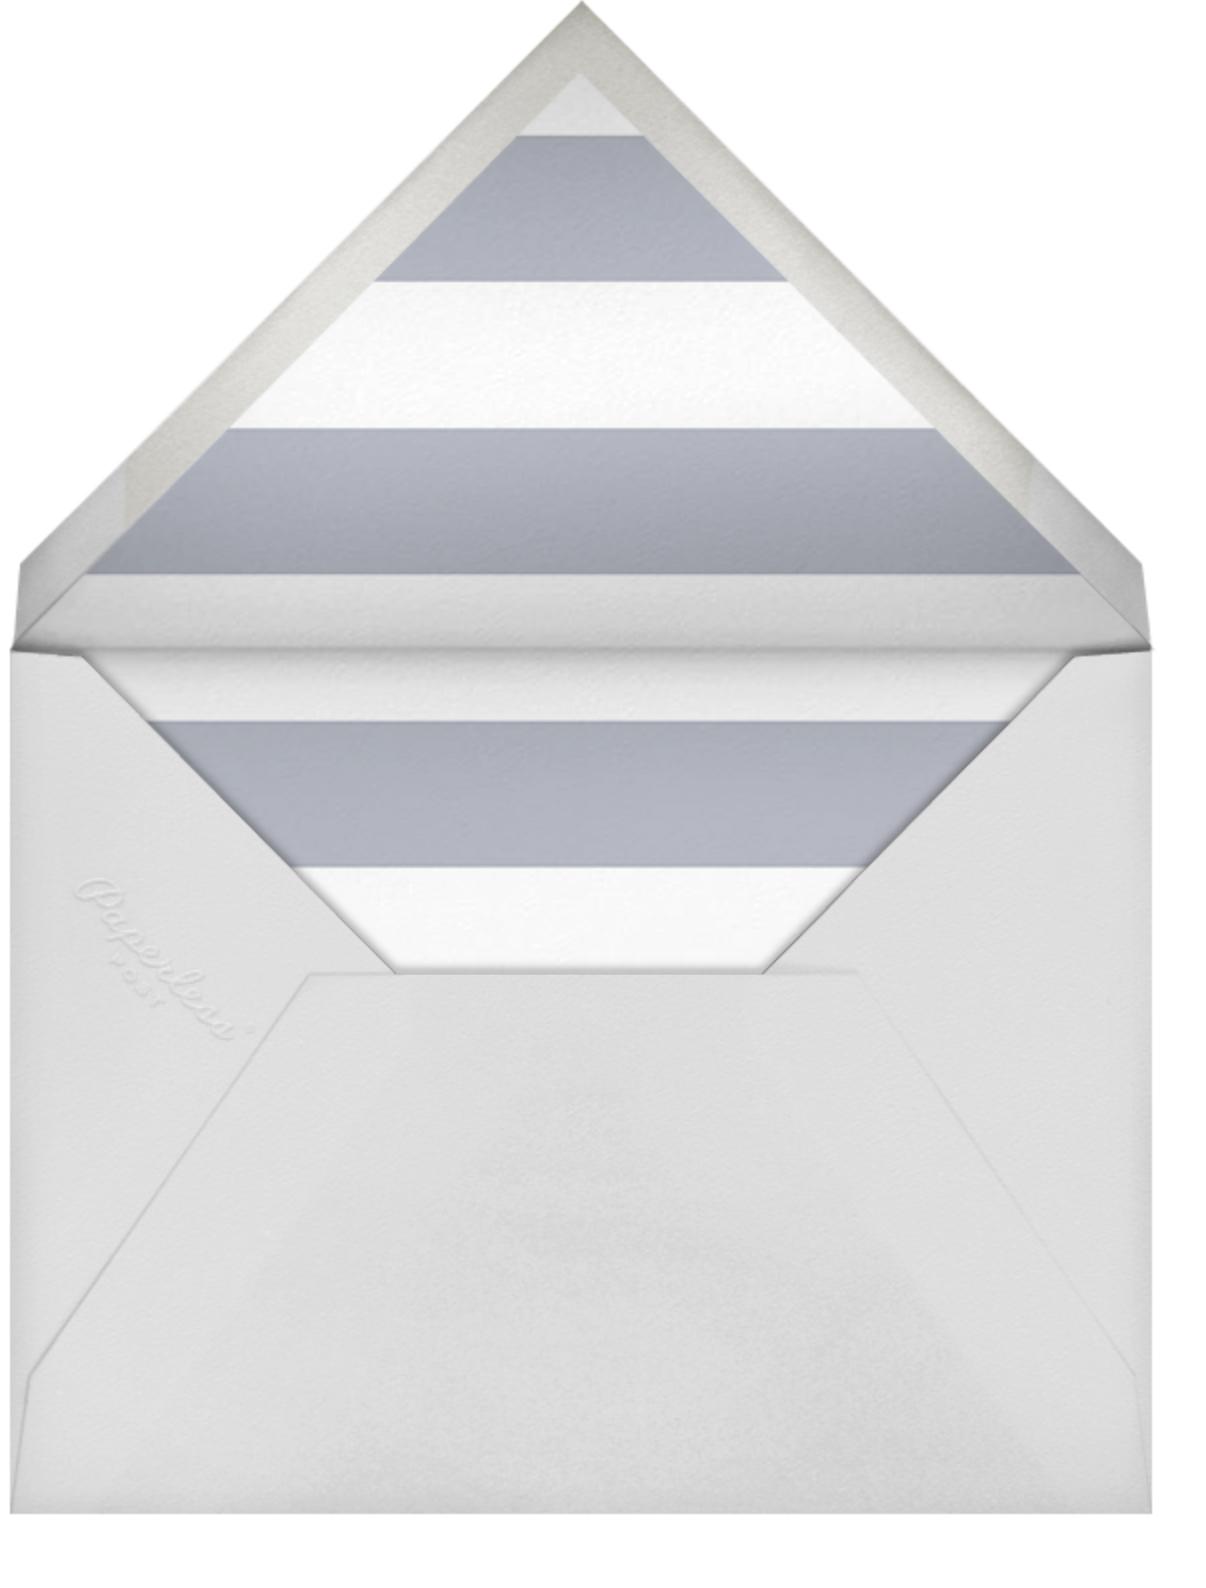 Big Dot Bridal - Rose Gold - Sugar Paper - Bridal shower - envelope back